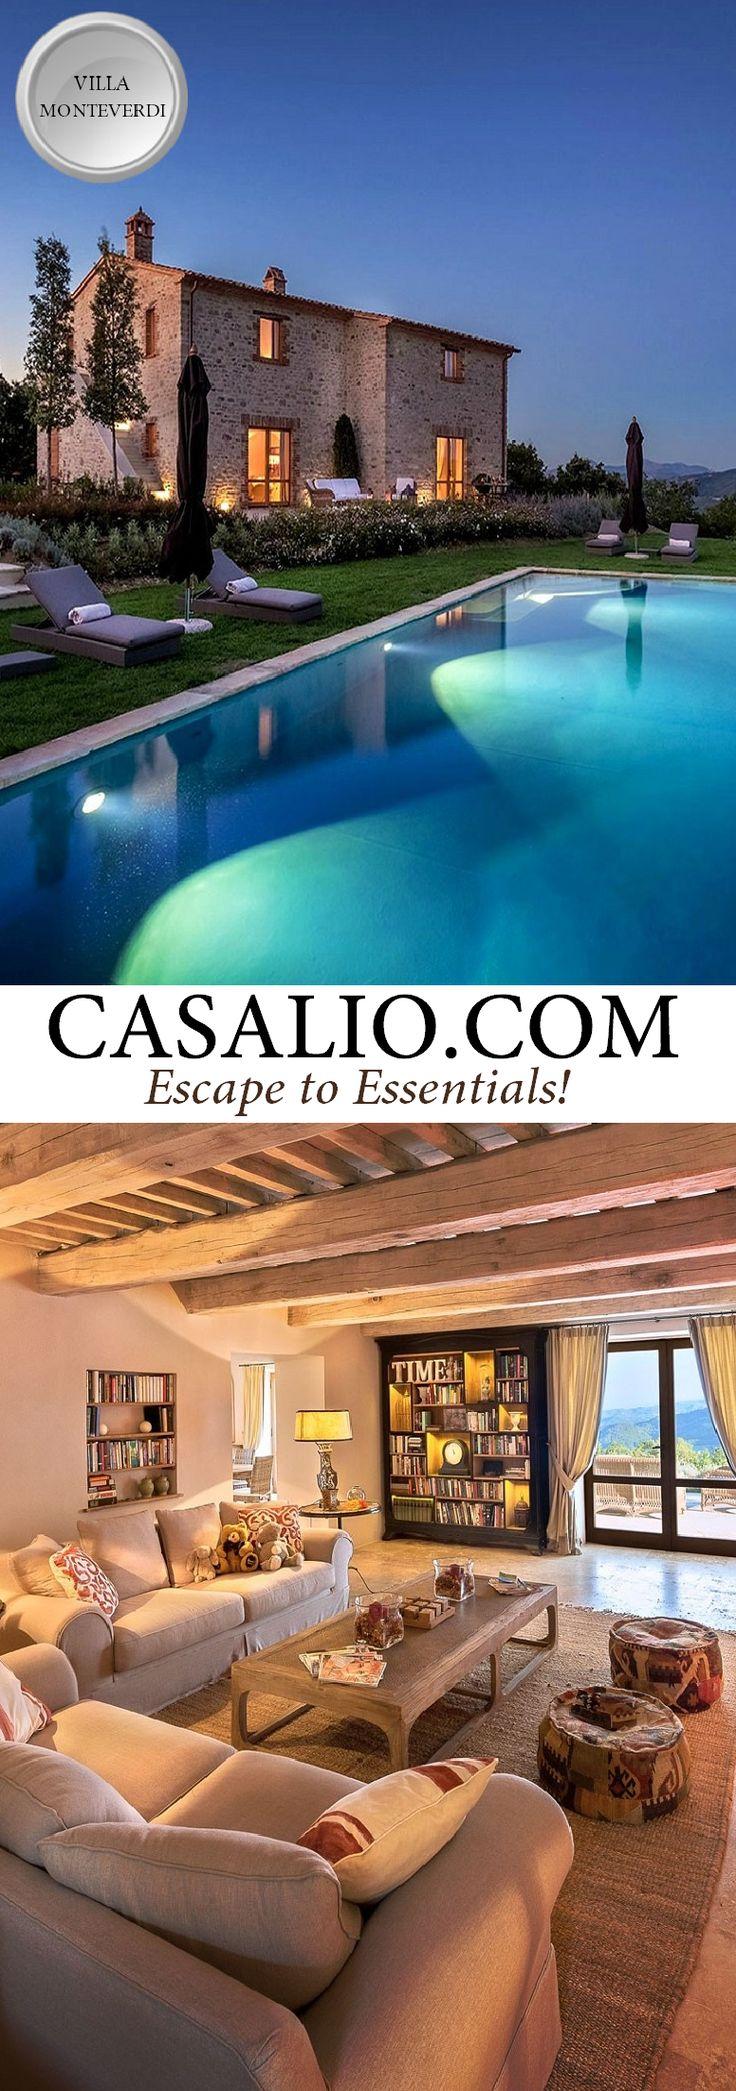 Umbria Holiday Villas -  www.casalio.com    Villa Monteverdi    Italy - Umbria    3 bedrooms, private…